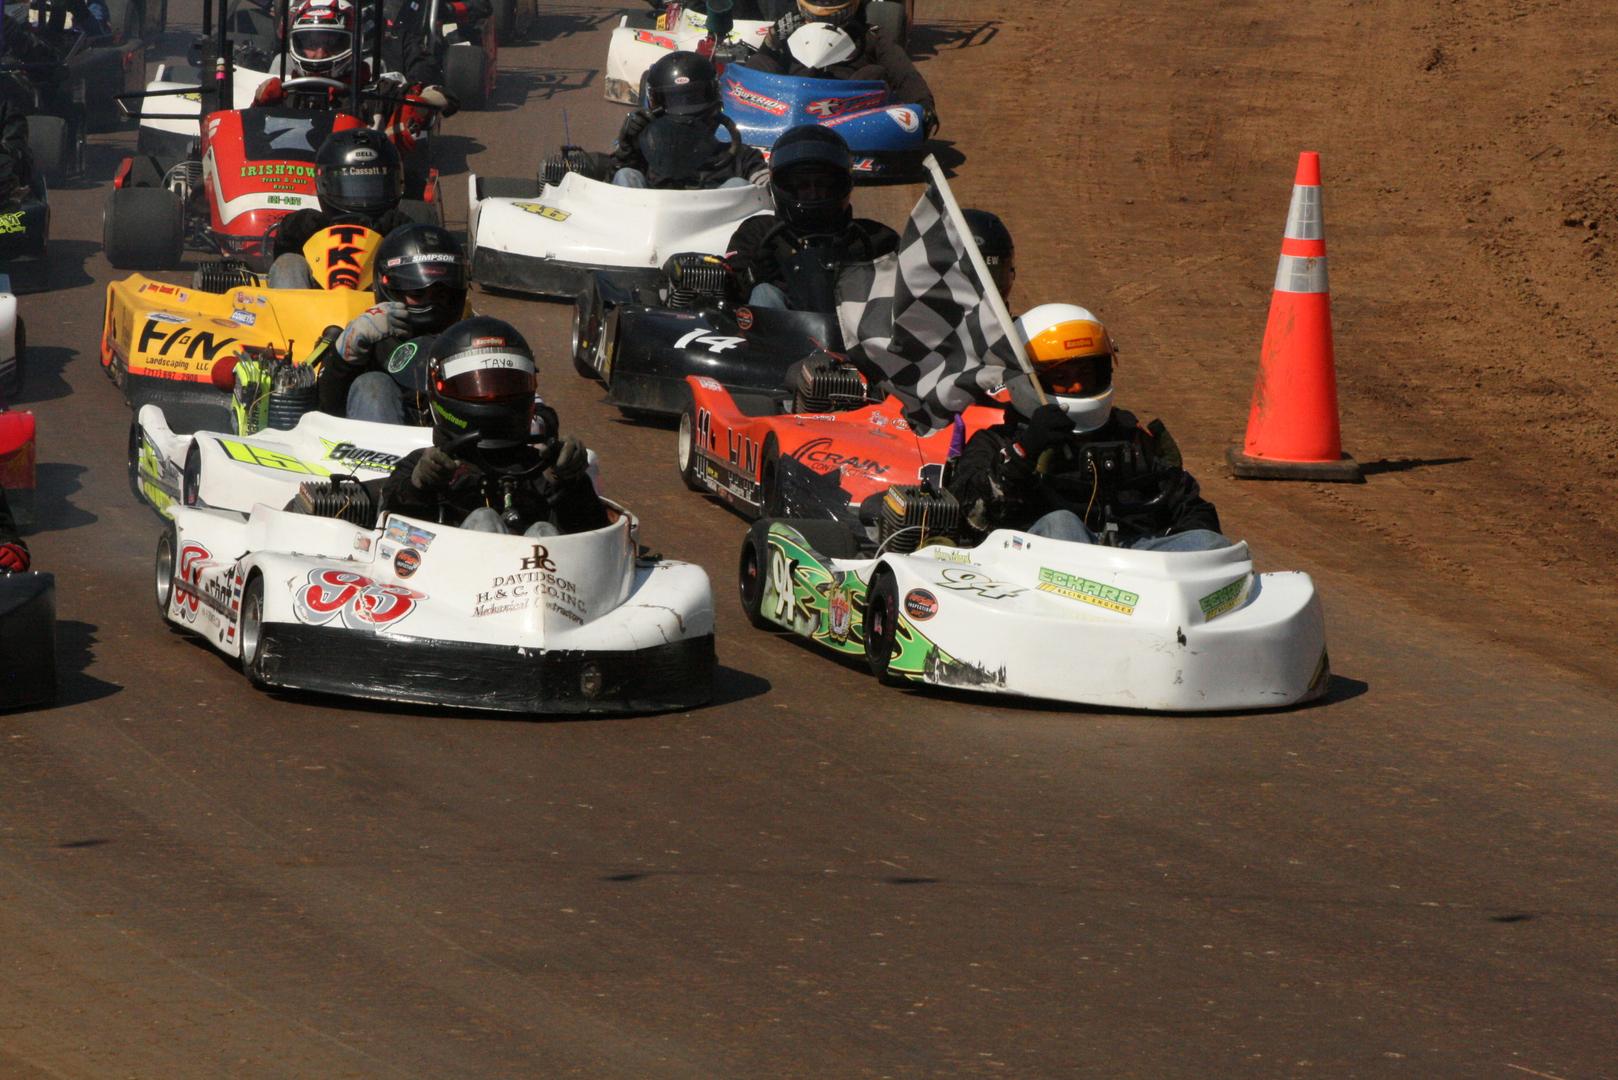 Hunterstown Speedway - Race Track, Go Kart Racing, Go Kart